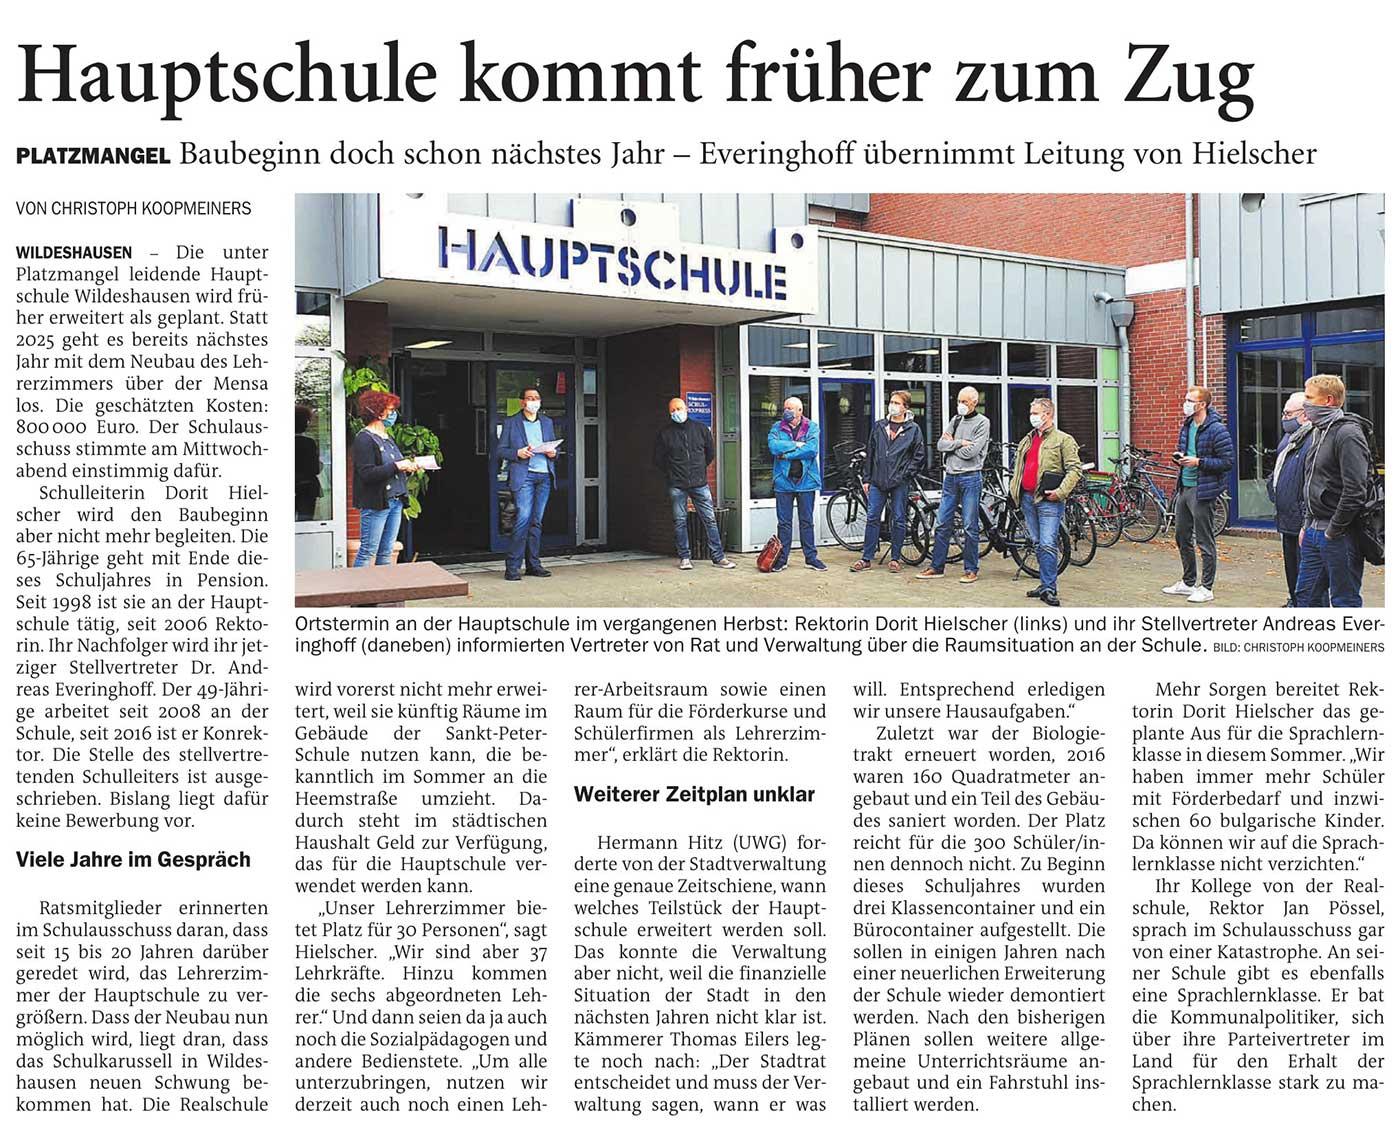 Hauptschule kommt früher zum ZugPlatzmangel: Baubeginn doch schon nächstes Jahr - Everinghoff übernimmt Leitung von HielscherArtikel vom 23.04.2021 (NWZ)